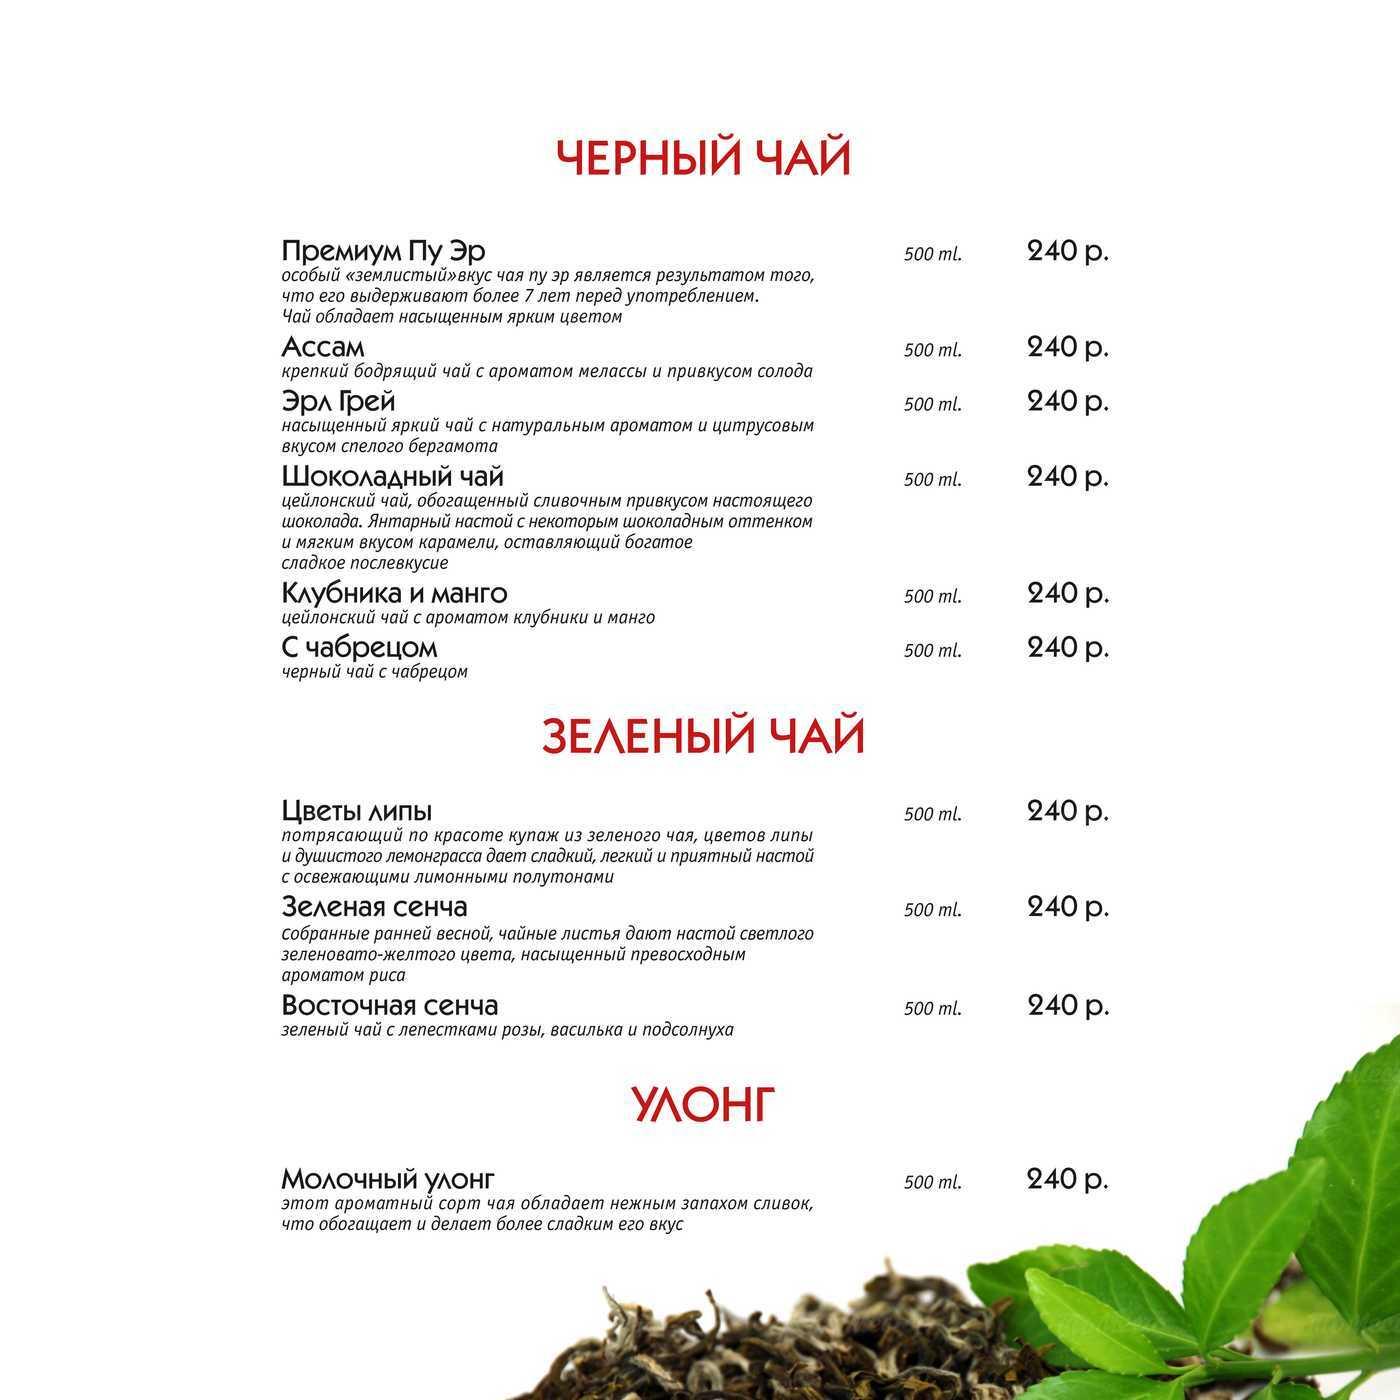 Меню кафе Mambocino (Мамбочино) в Мусиной